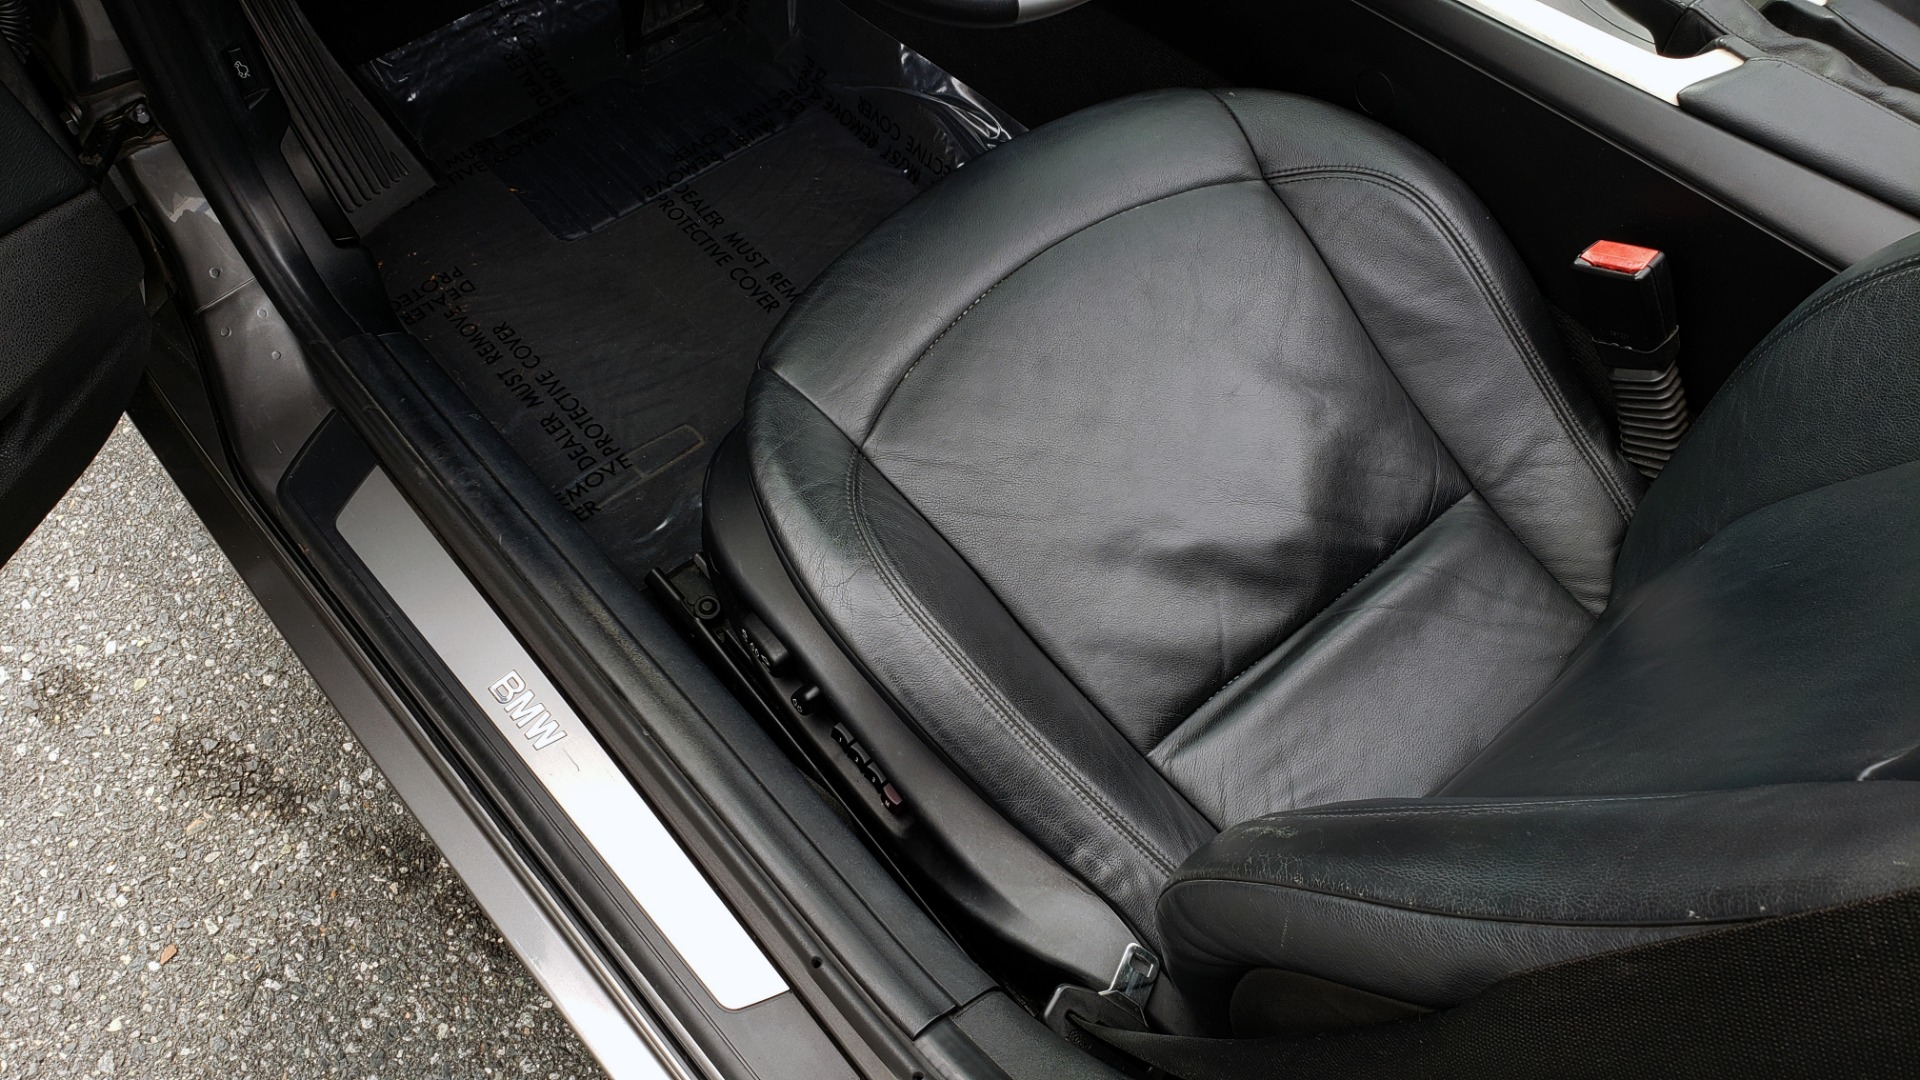 Used 2003 BMW Z4 3.0i ROADSTER / 6-SPD MAN / PREMIUM PKG / SPORT PKG / HTD STS for sale Sold at Formula Imports in Charlotte NC 28227 39